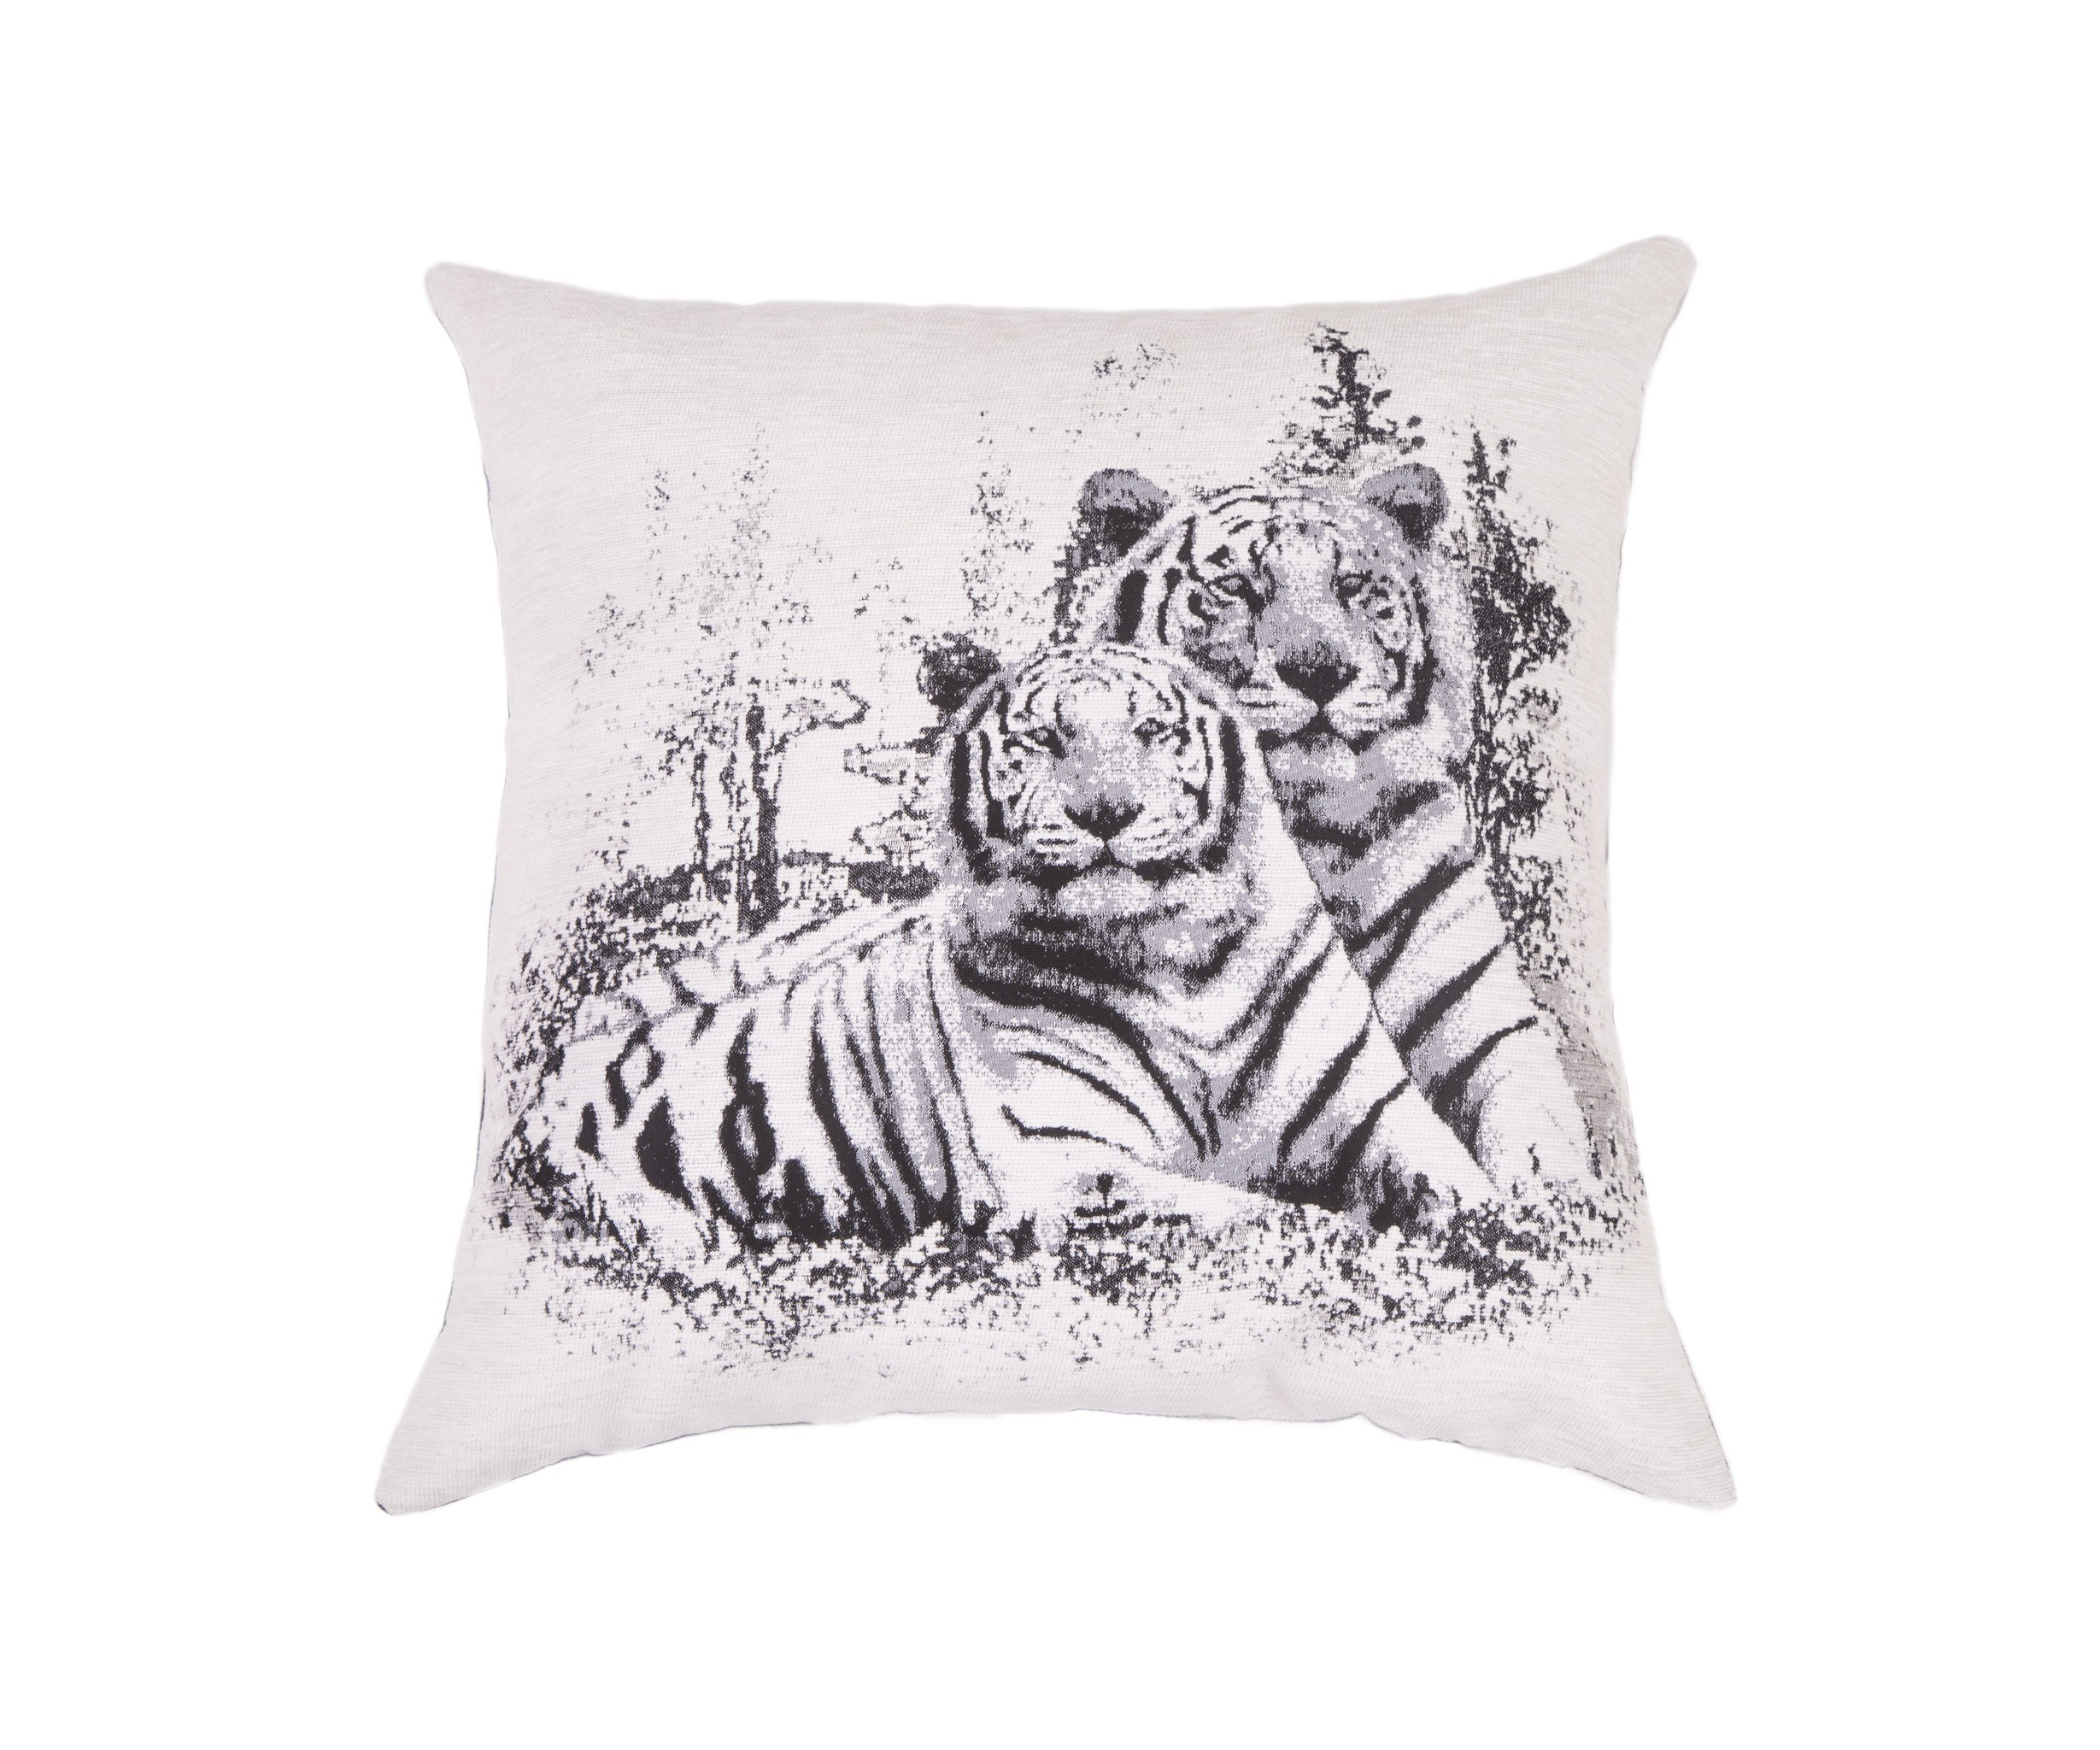 Подушка ТигрКвадратные подушки и наволочки<br>Двусторонняя декоративная подушка &amp;quot;Тигр&amp;quot; станет ярким акцентом в вашем интерьере. На одной стороне образ грозного льва, на другой стороне - мягкий, обволакивающий велюр увлекут ваши фантазии в жаркие тропические страны.  Высококачественный материал приятен для кожи и безопасен даже для самой чувствительной кожи.  Оригинальный дизайнерский принт сделает пространство стильным и своеобразным.<br><br>Material: Текстиль<br>Length см: None<br>Width см: 55<br>Depth см: 10<br>Height см: 55